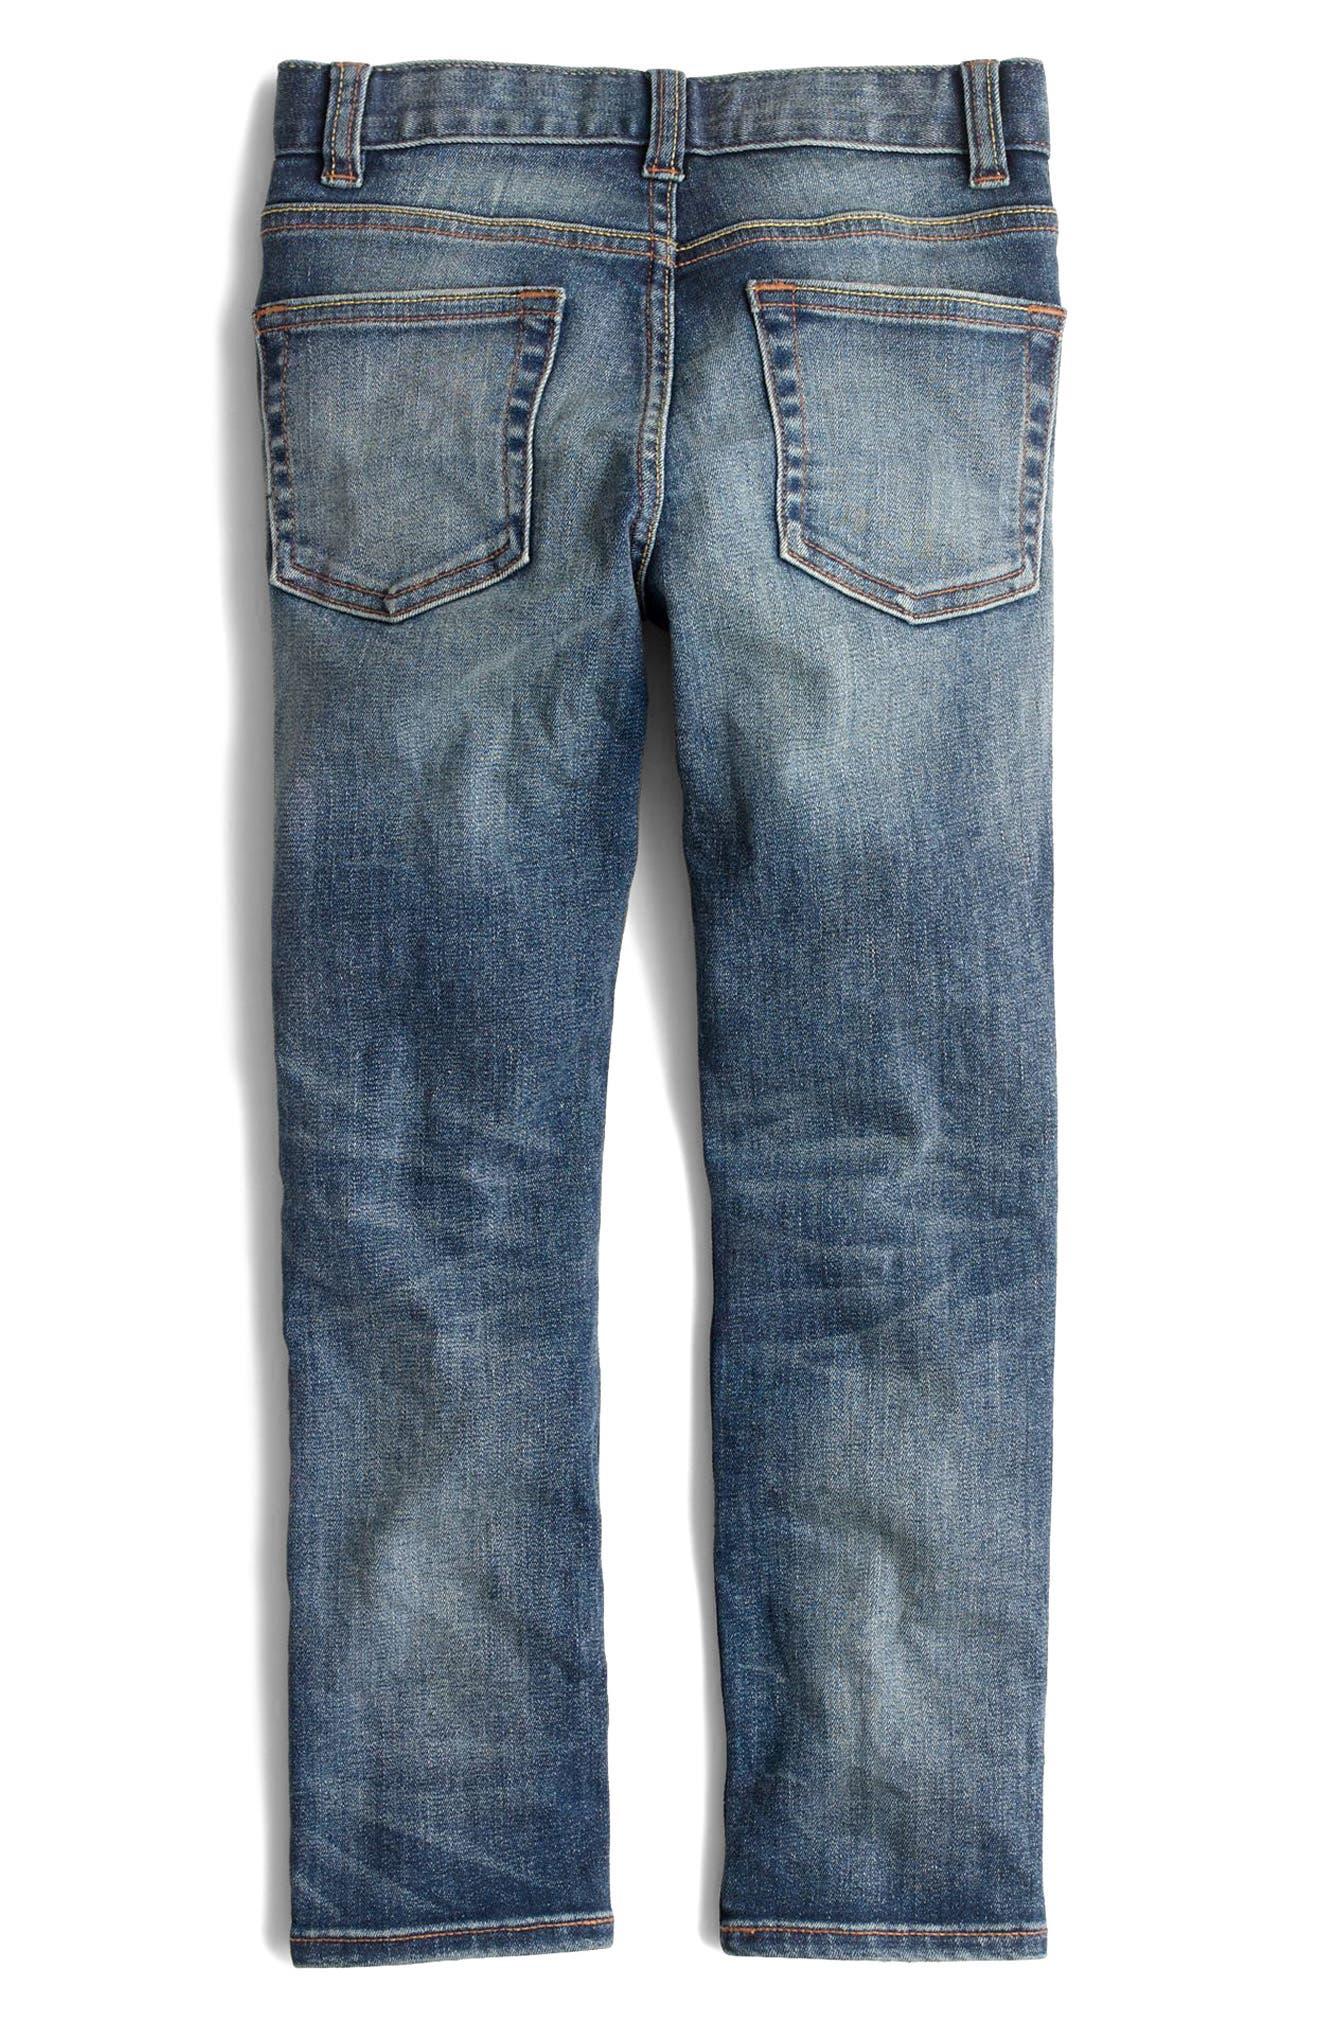 Vintage Wash Stretch Skinny Fit Jeans,                             Alternate thumbnail 2, color,                             Vintage Wash